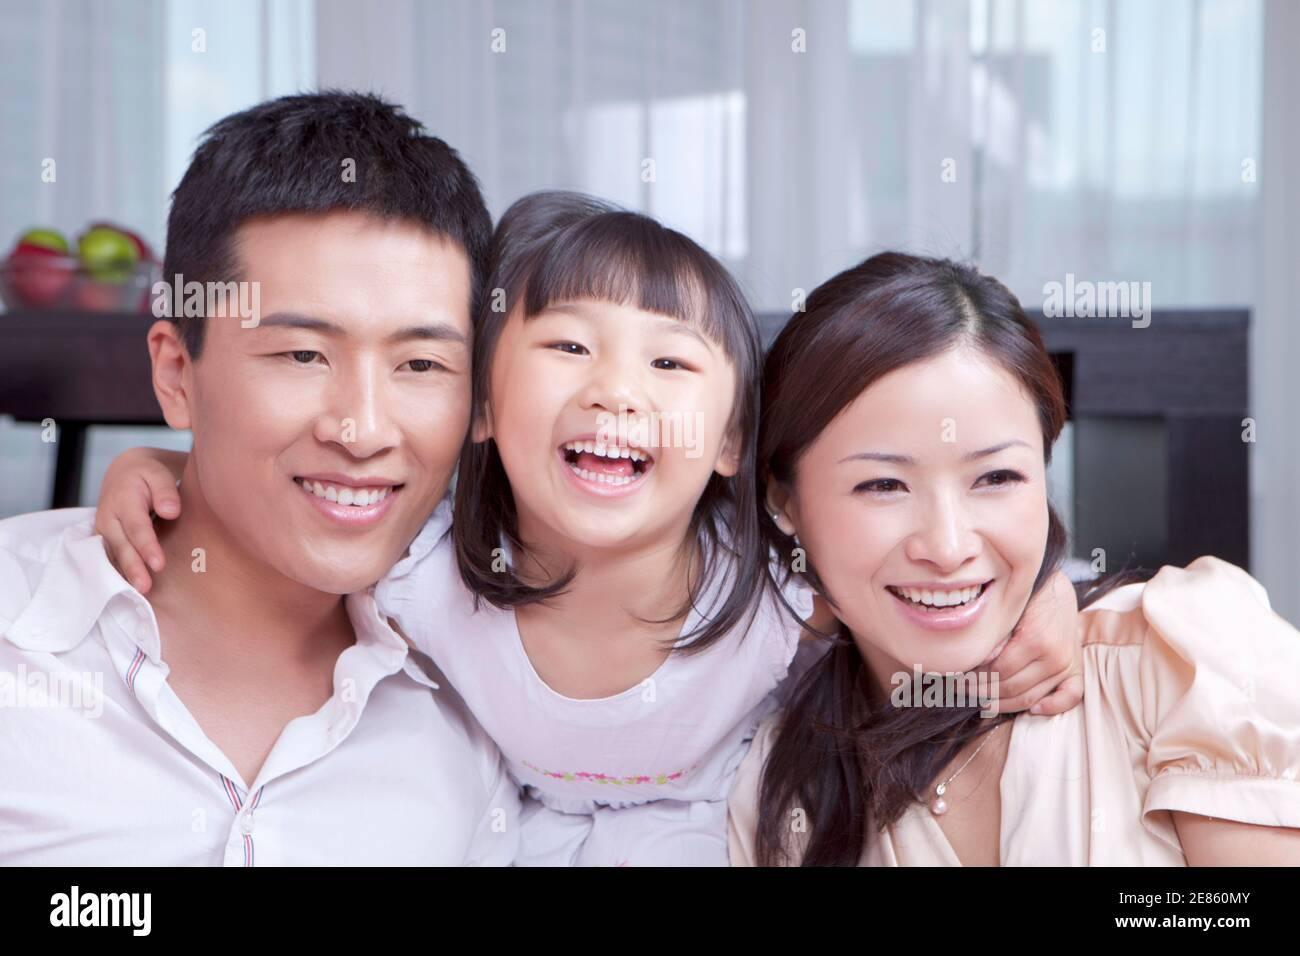 Portrait d'une famille heureuse photo de haute qualité Banque D'Images